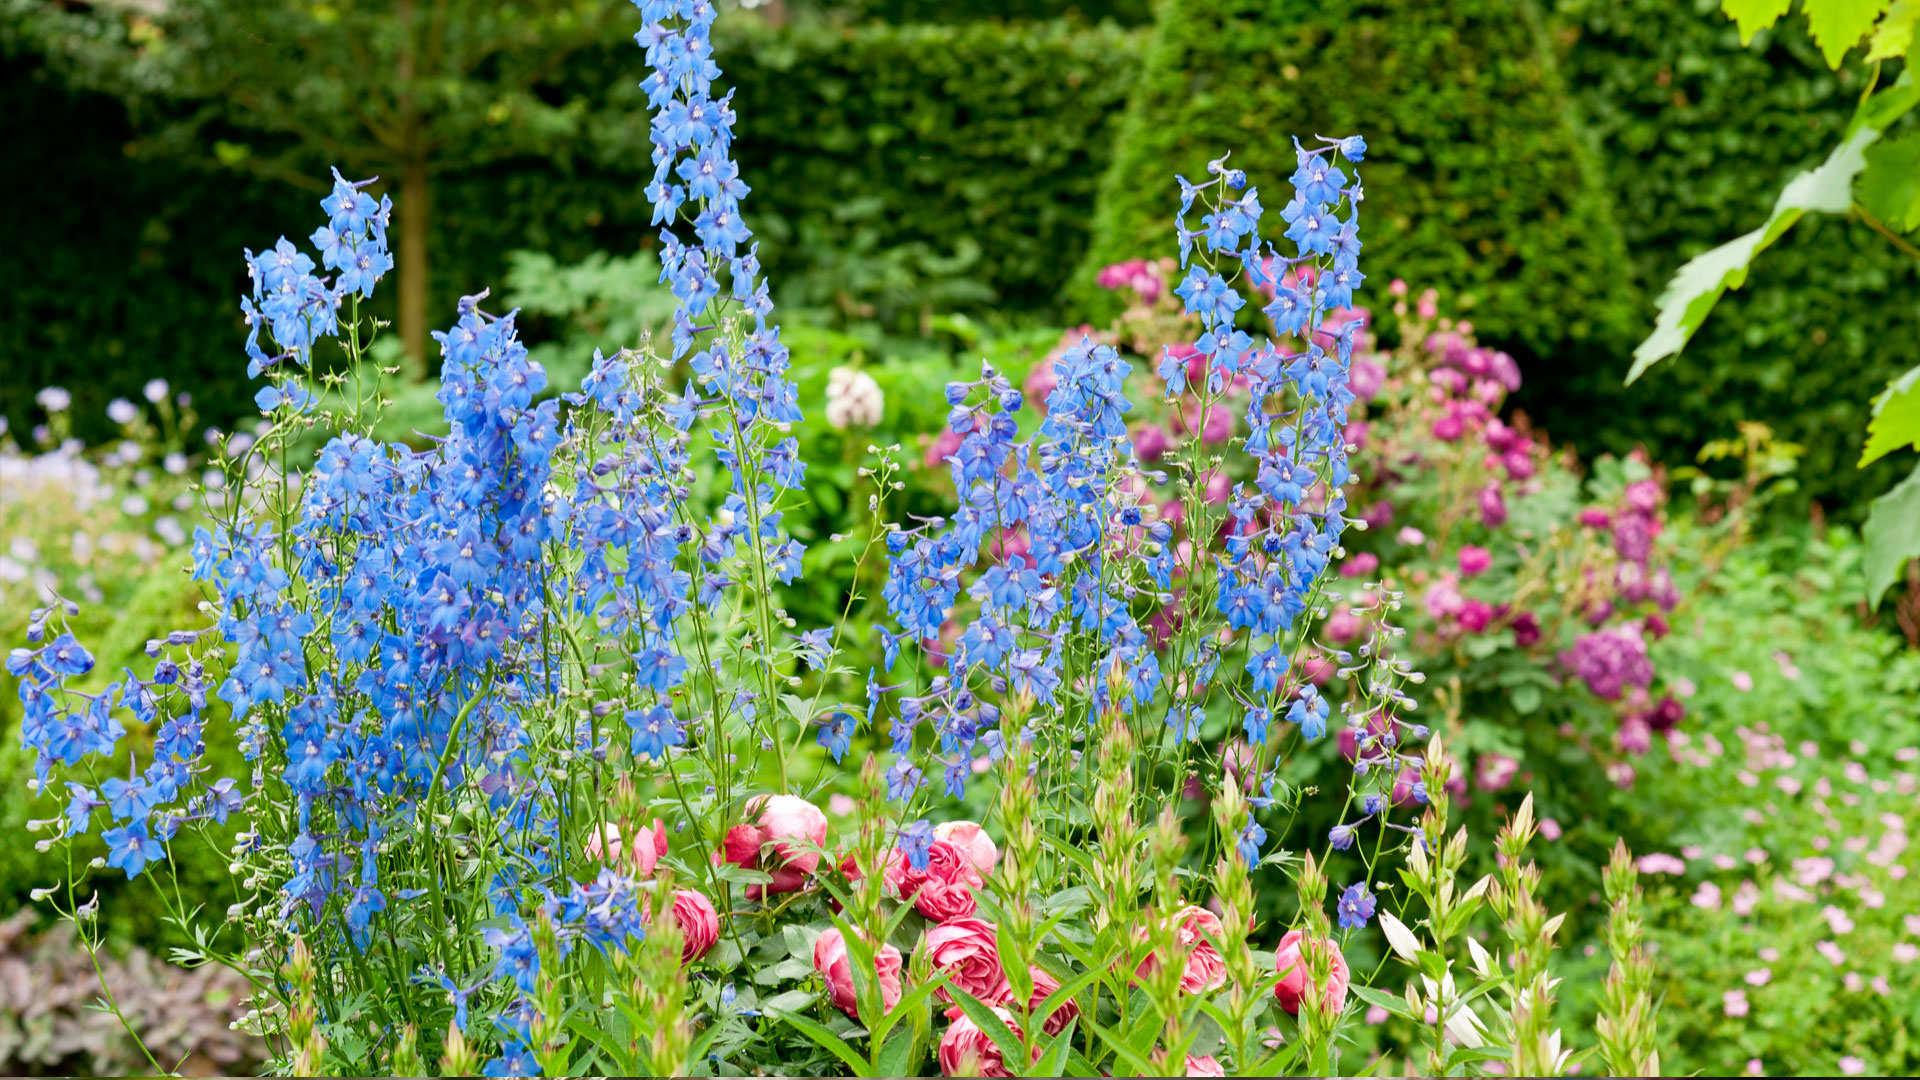 L entretien d un massif de plantes vivaces dcm for Entretien plantes vivaces